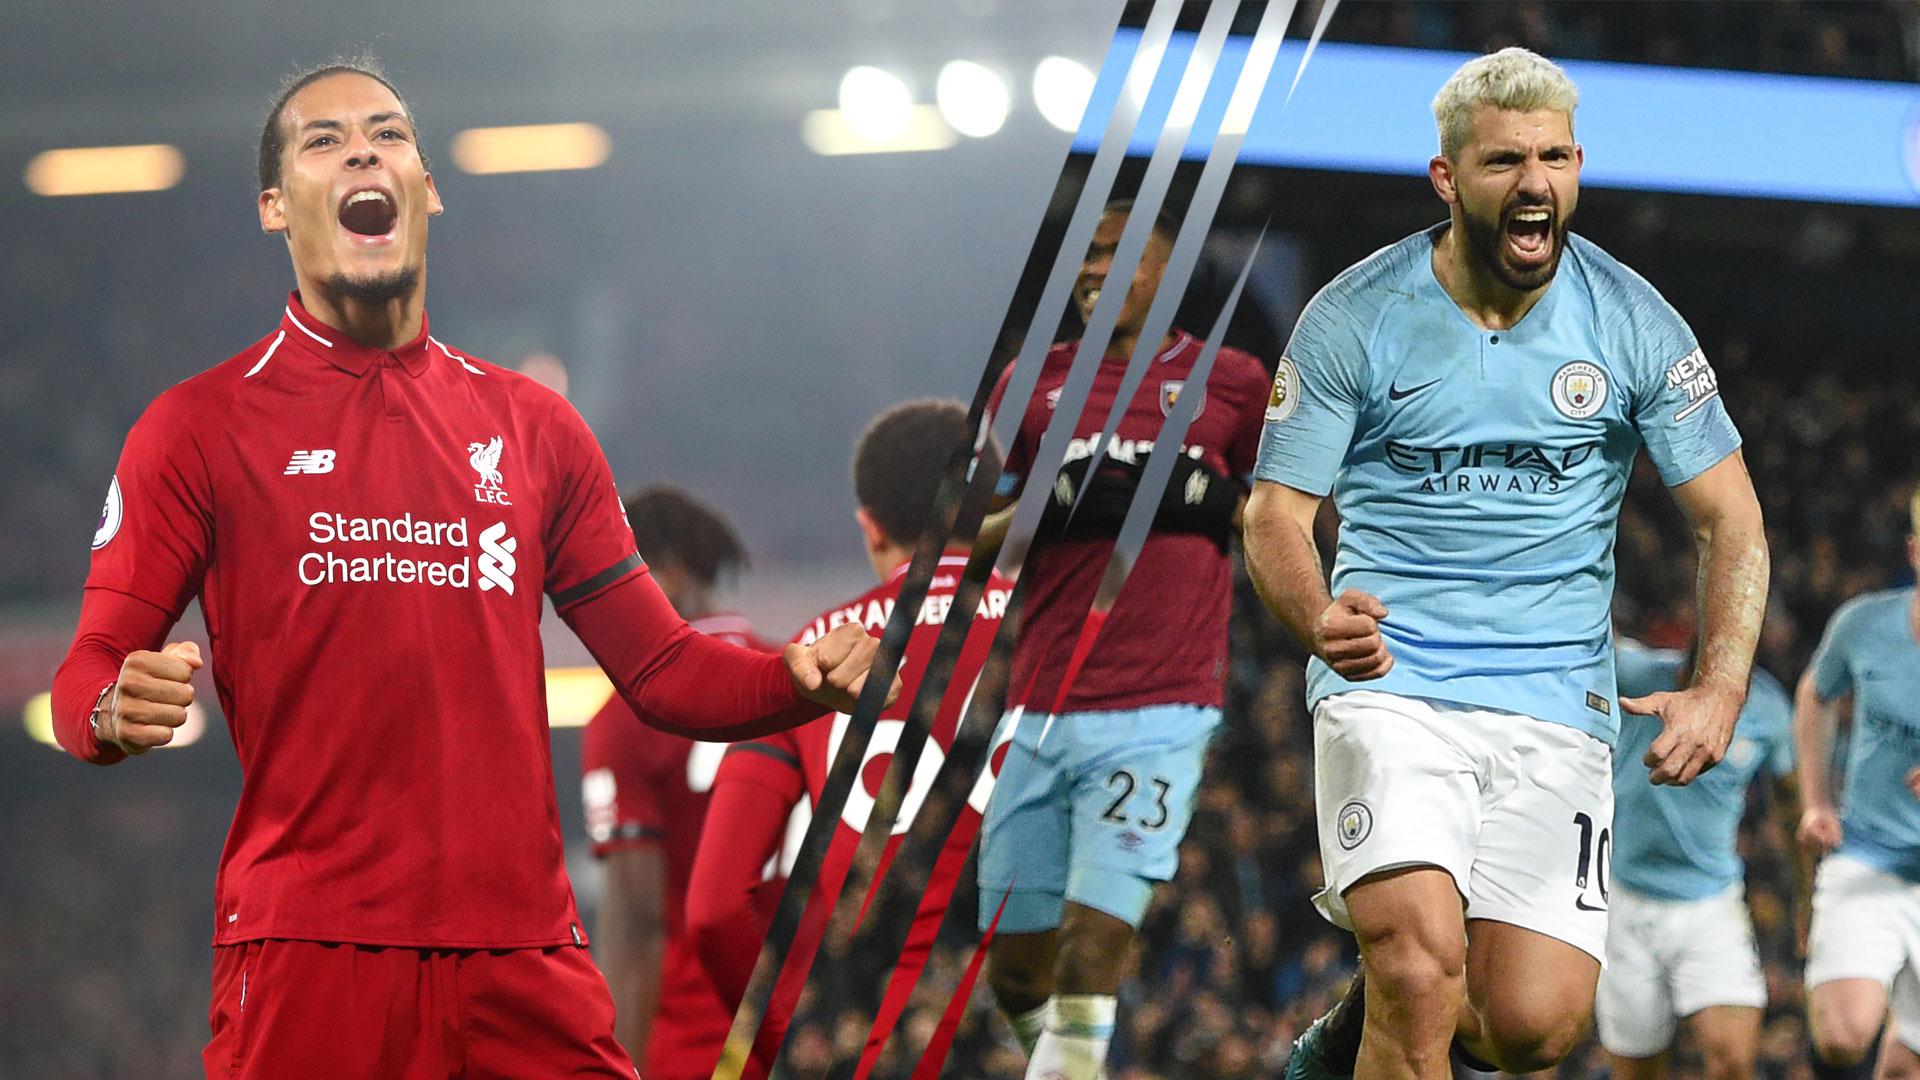 Liverpool Manchester City GFX Premiership League 27022019